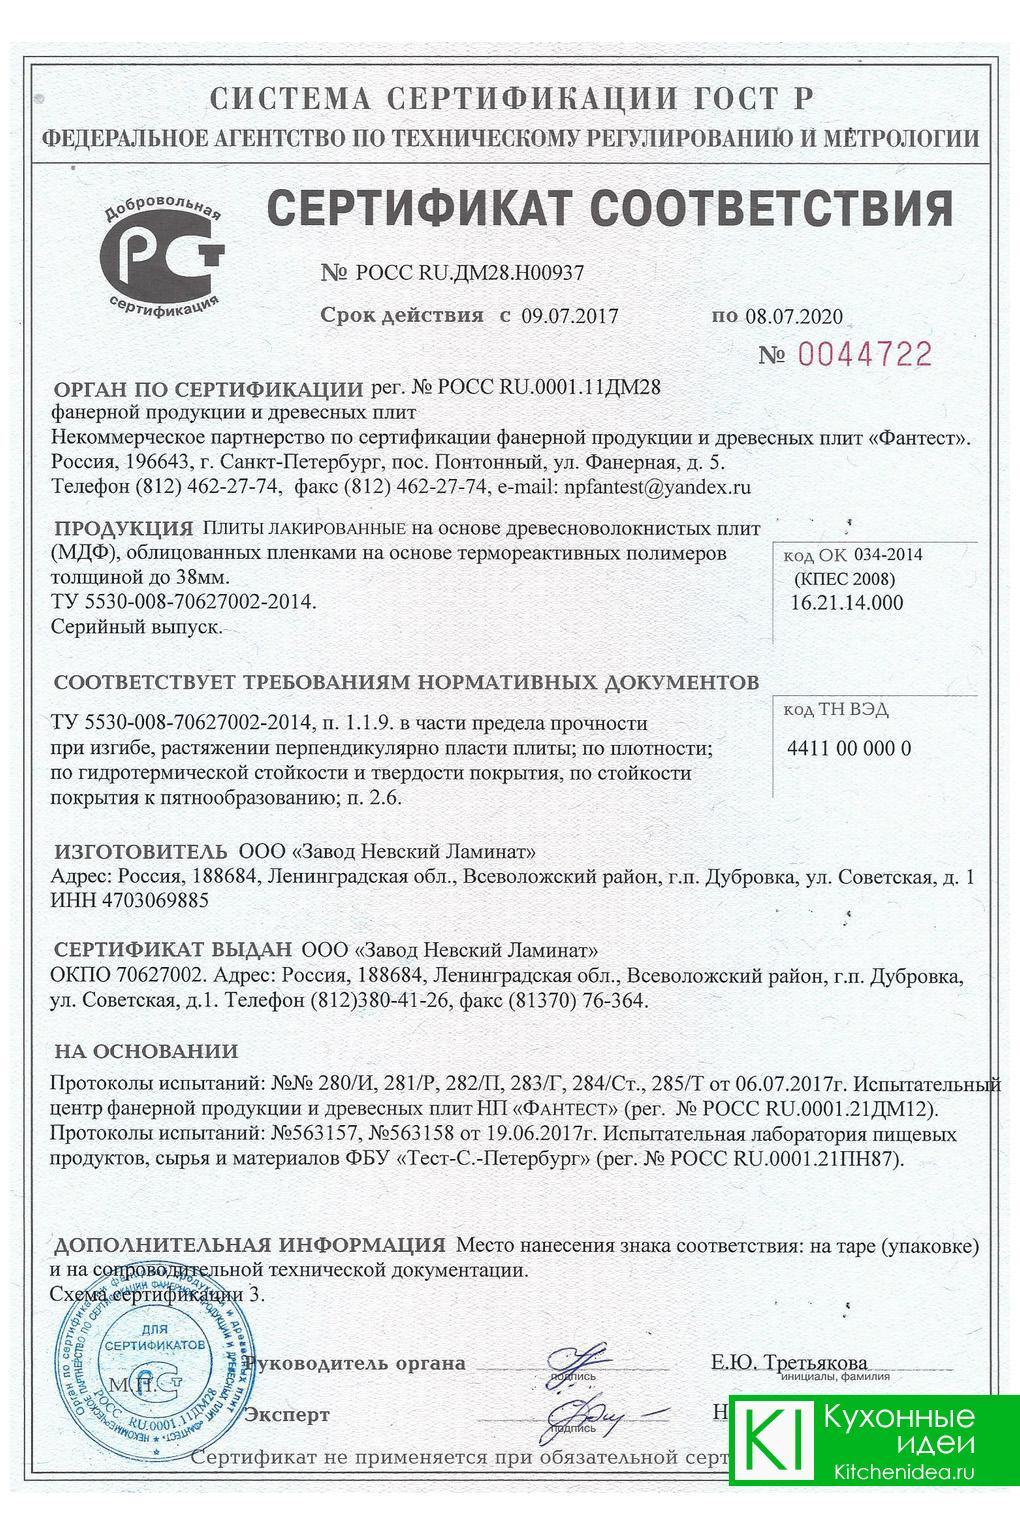 Сертификат соответствия МДФ требо